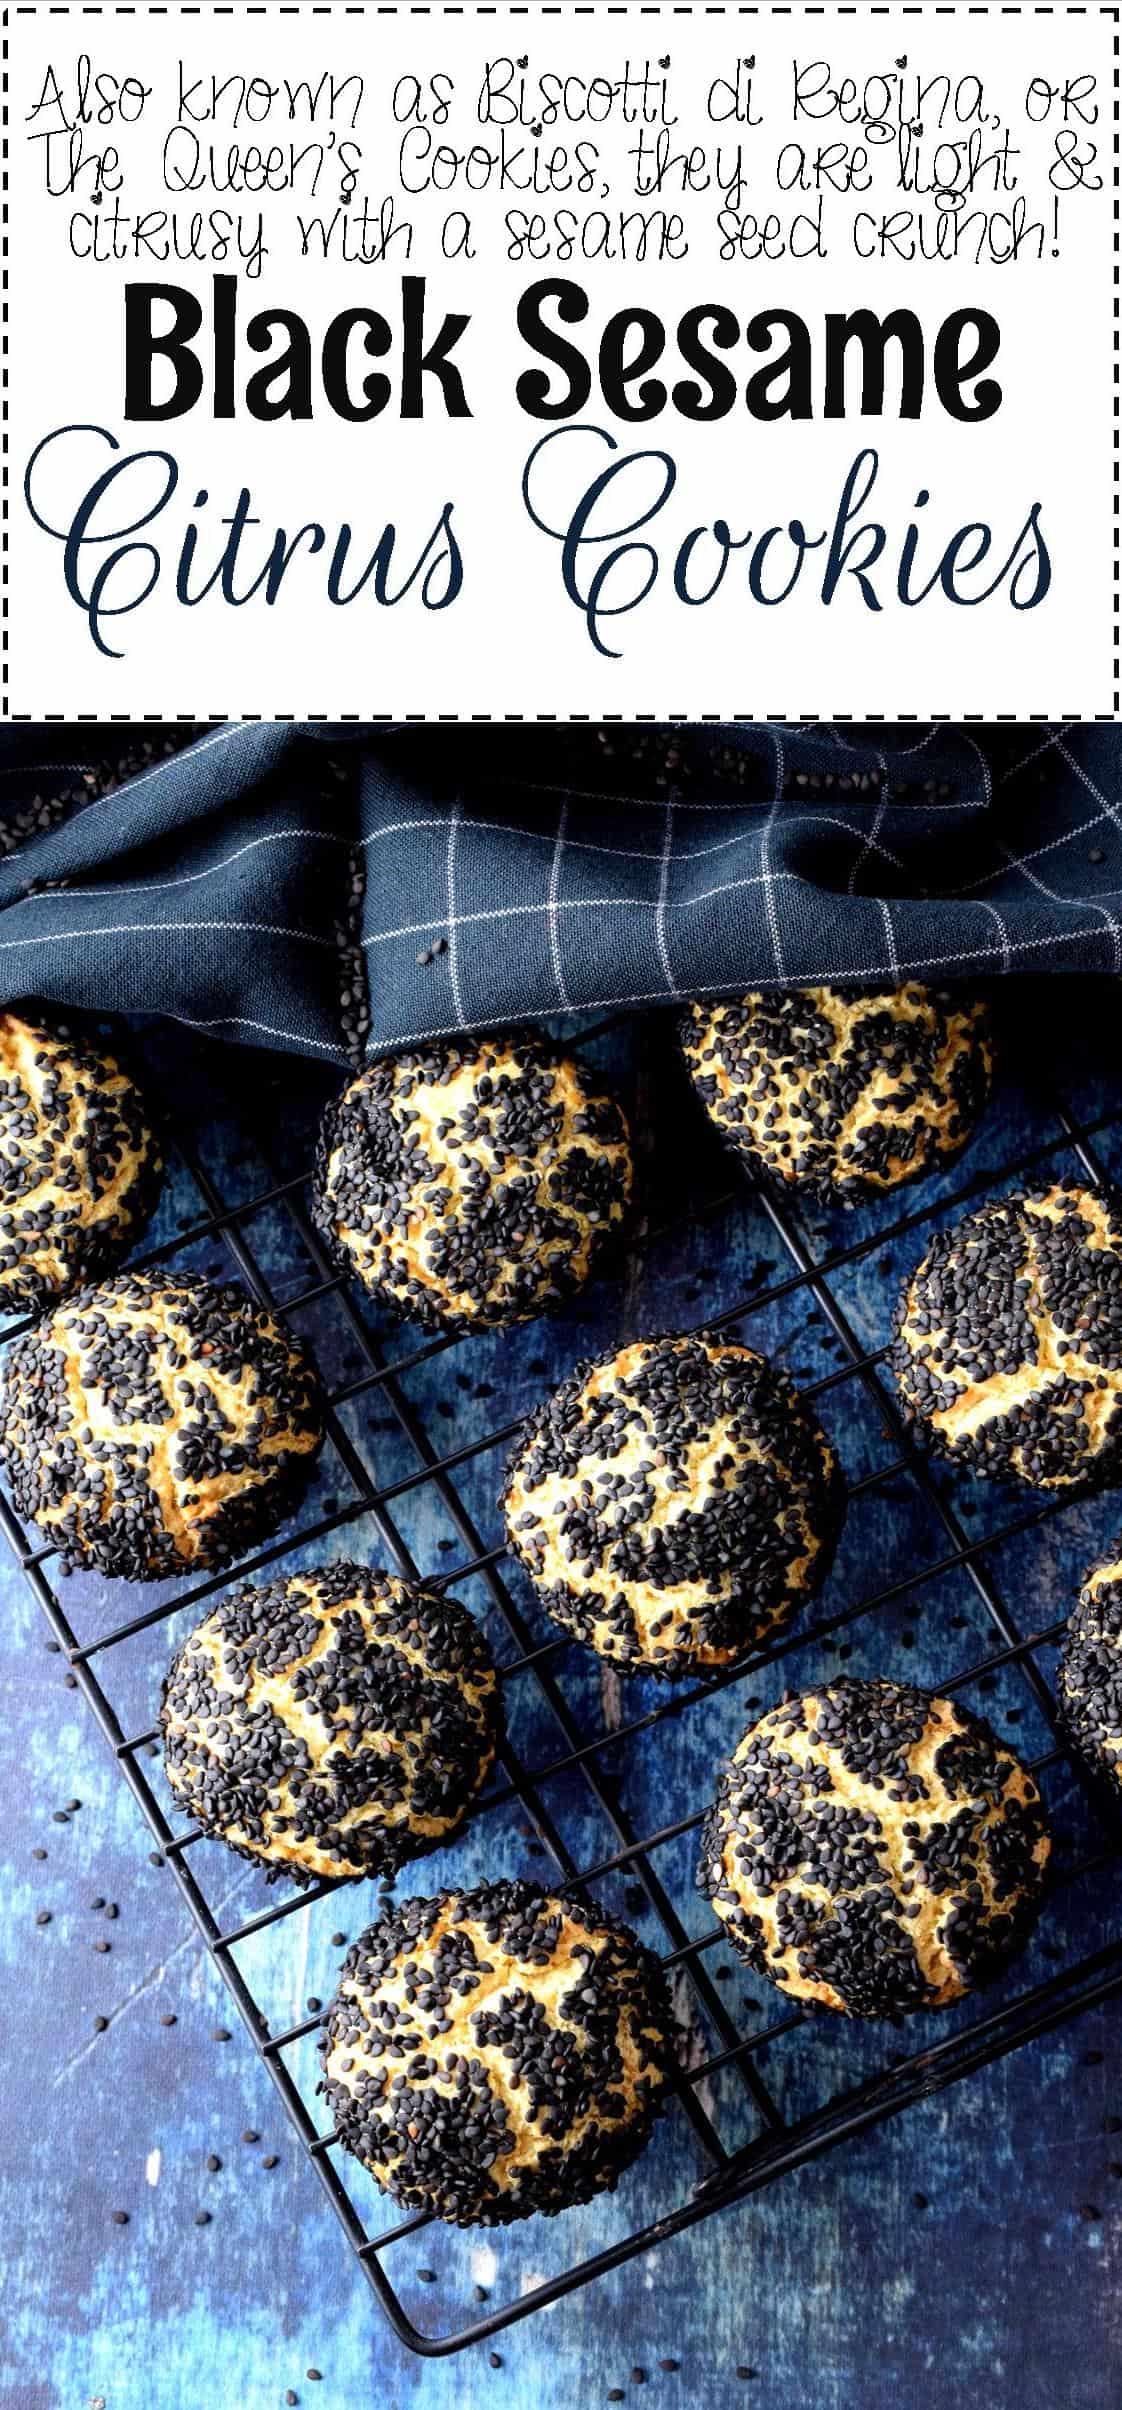 Black Sesame Kitchen Recipes